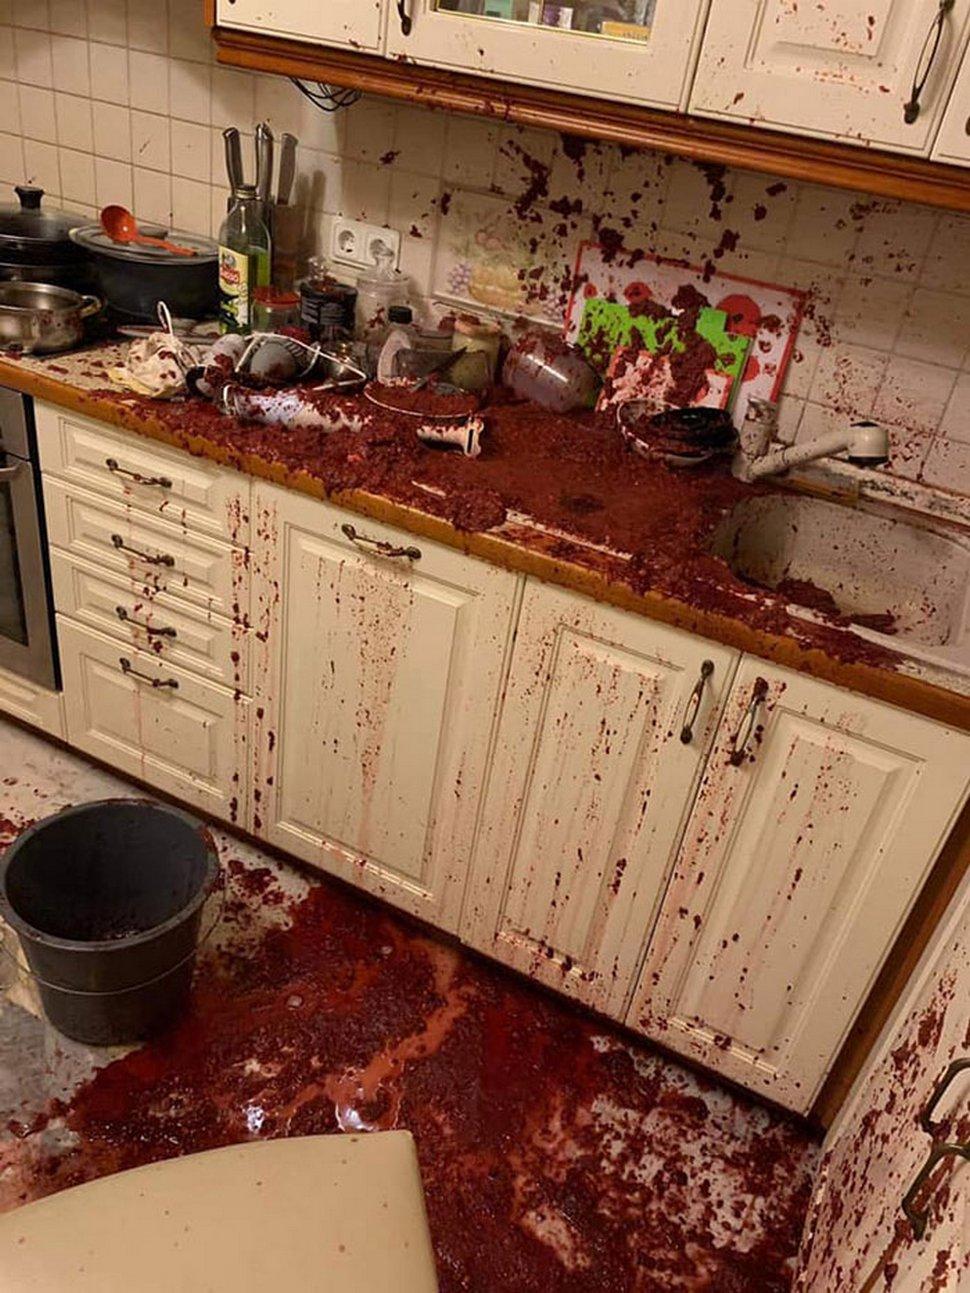 Ces gens ont échoué si lamentablement dans la cuisine qu'ils ont décidé de publier leurs échecs sur le Web